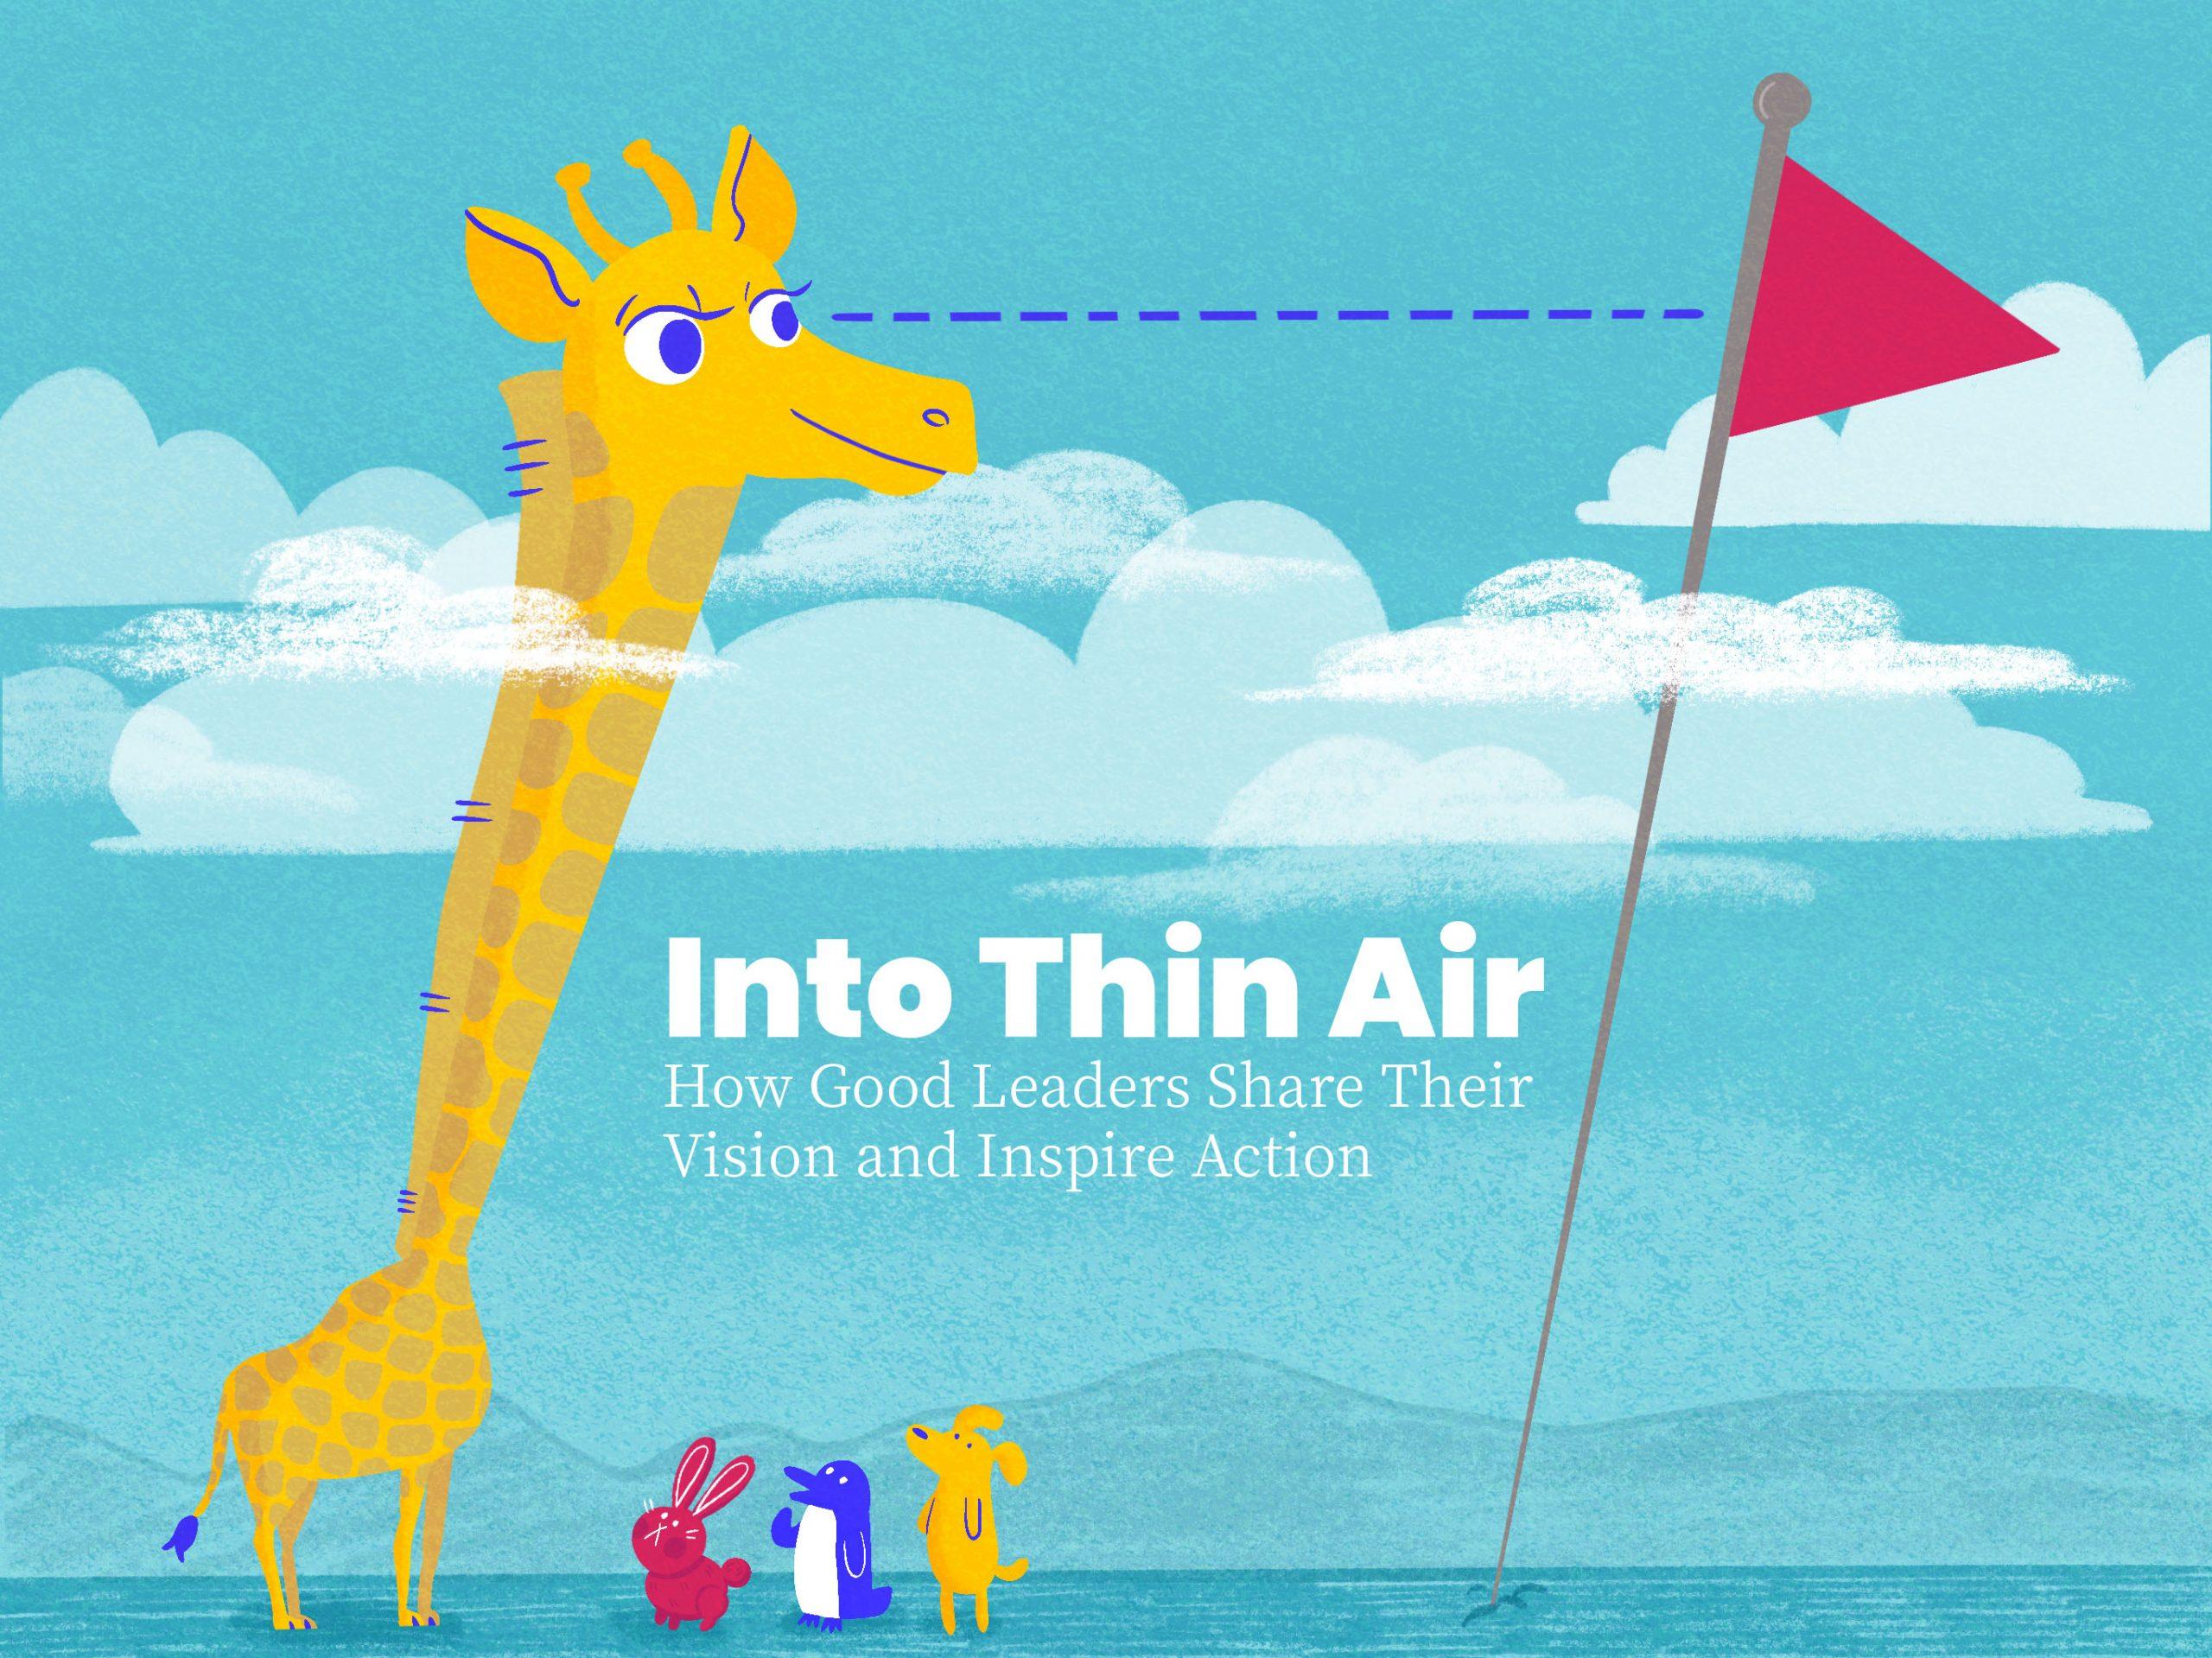 Giraffe_Illustration_-Text